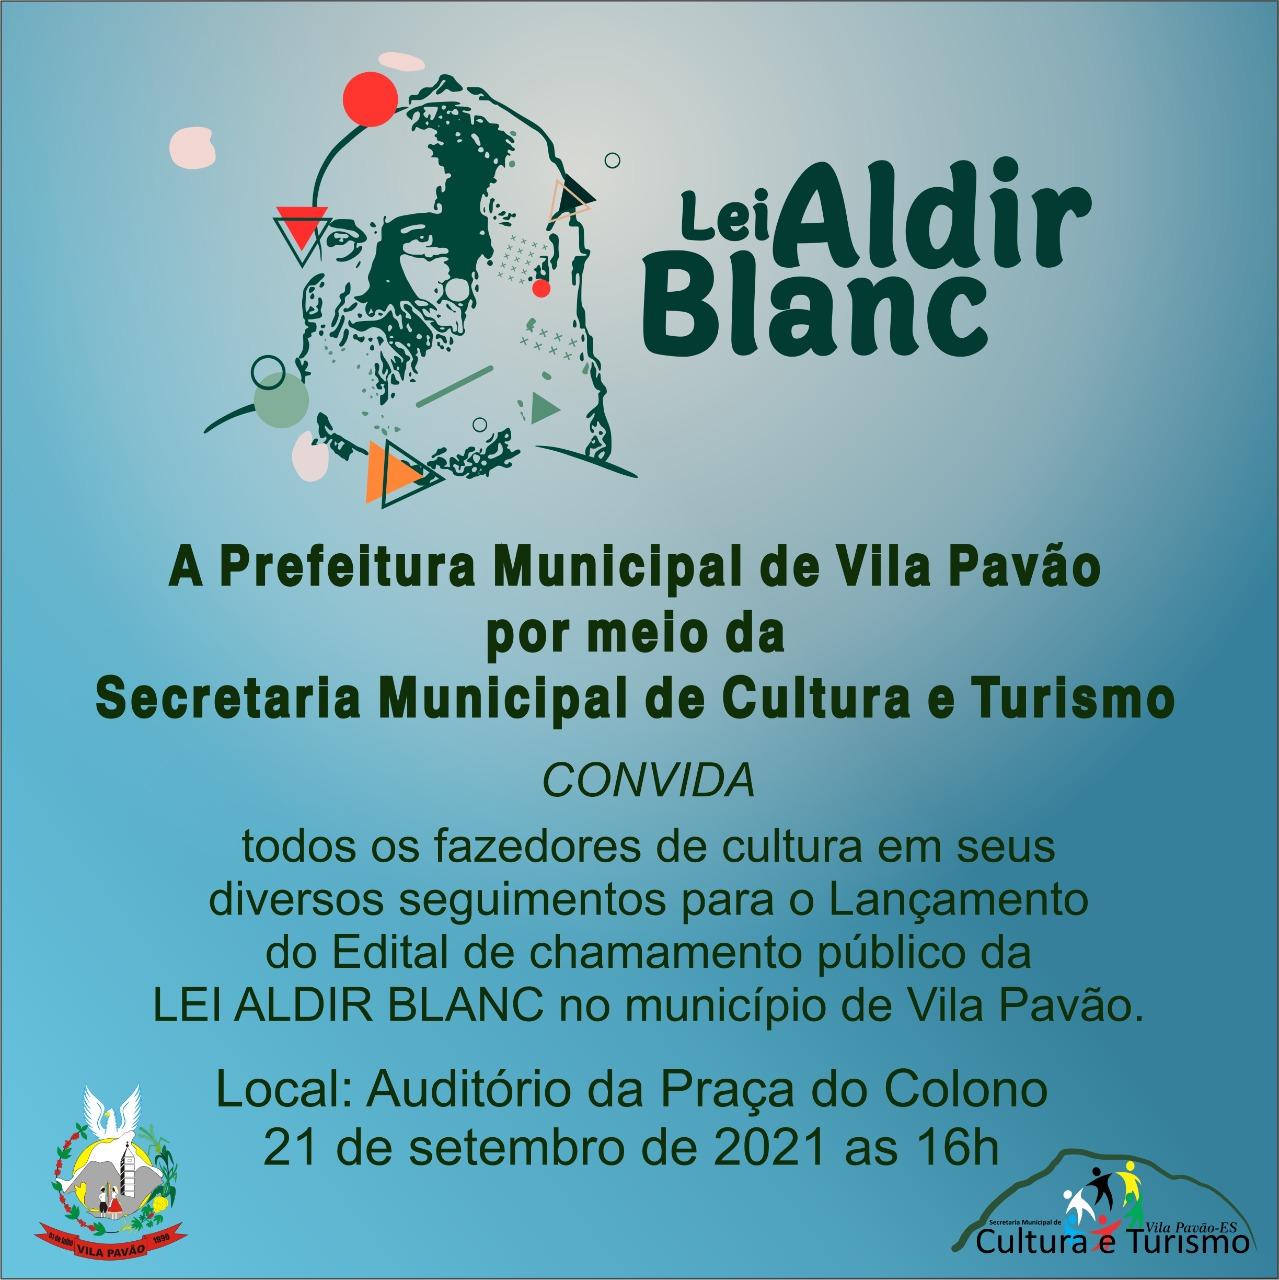 Lançamento do Edital de Chamamento Público da Lei Aldir Blanc